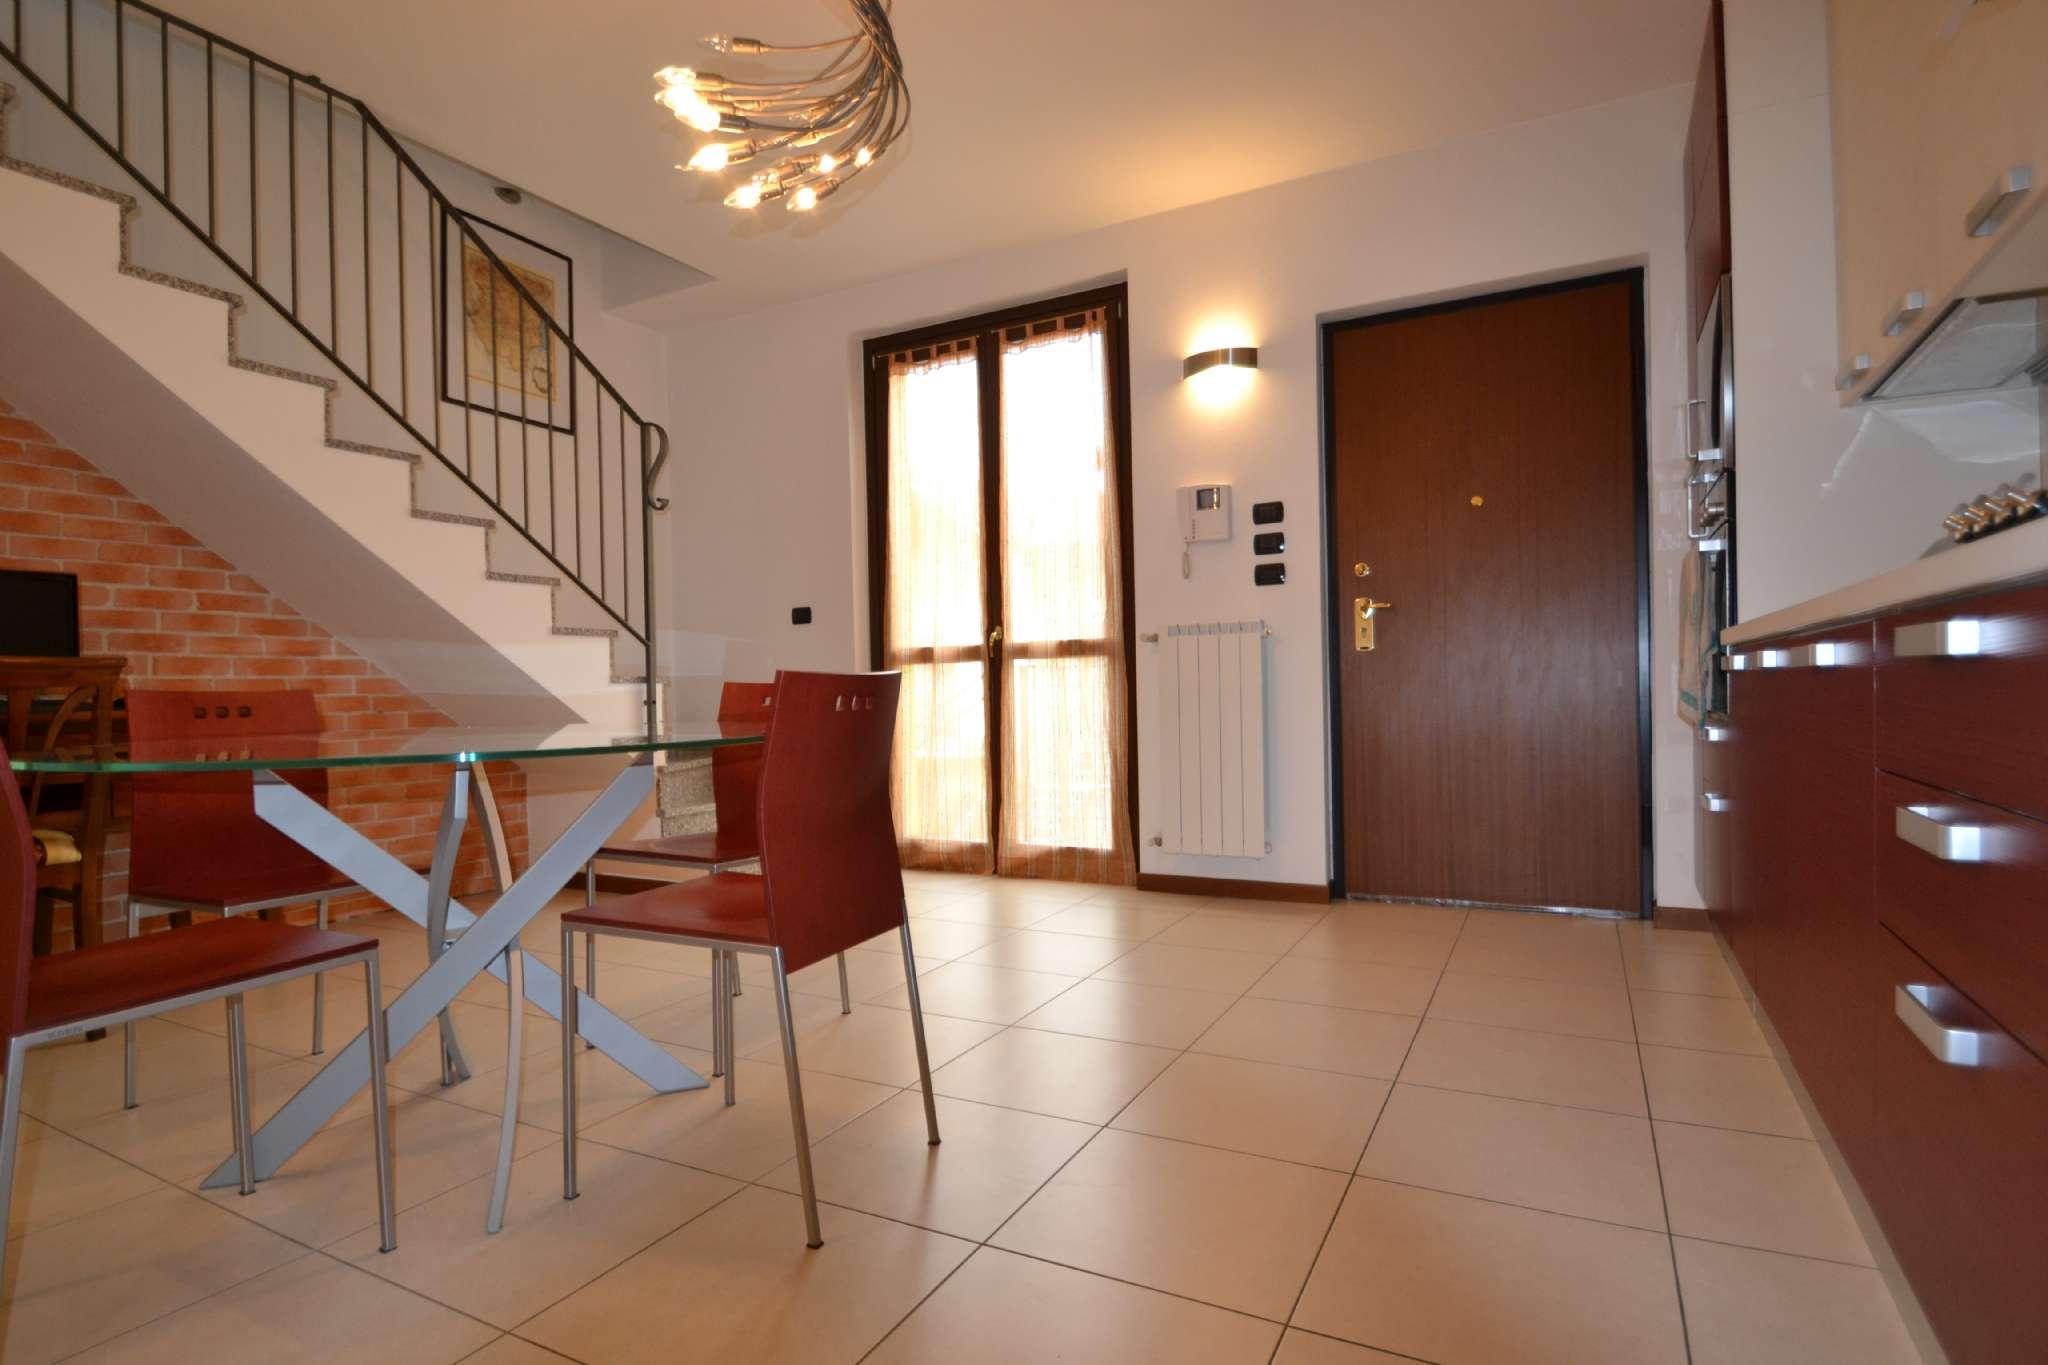 Appartamento in vendita a Villa d'Almè, 2 locali, prezzo € 149.000 | CambioCasa.it